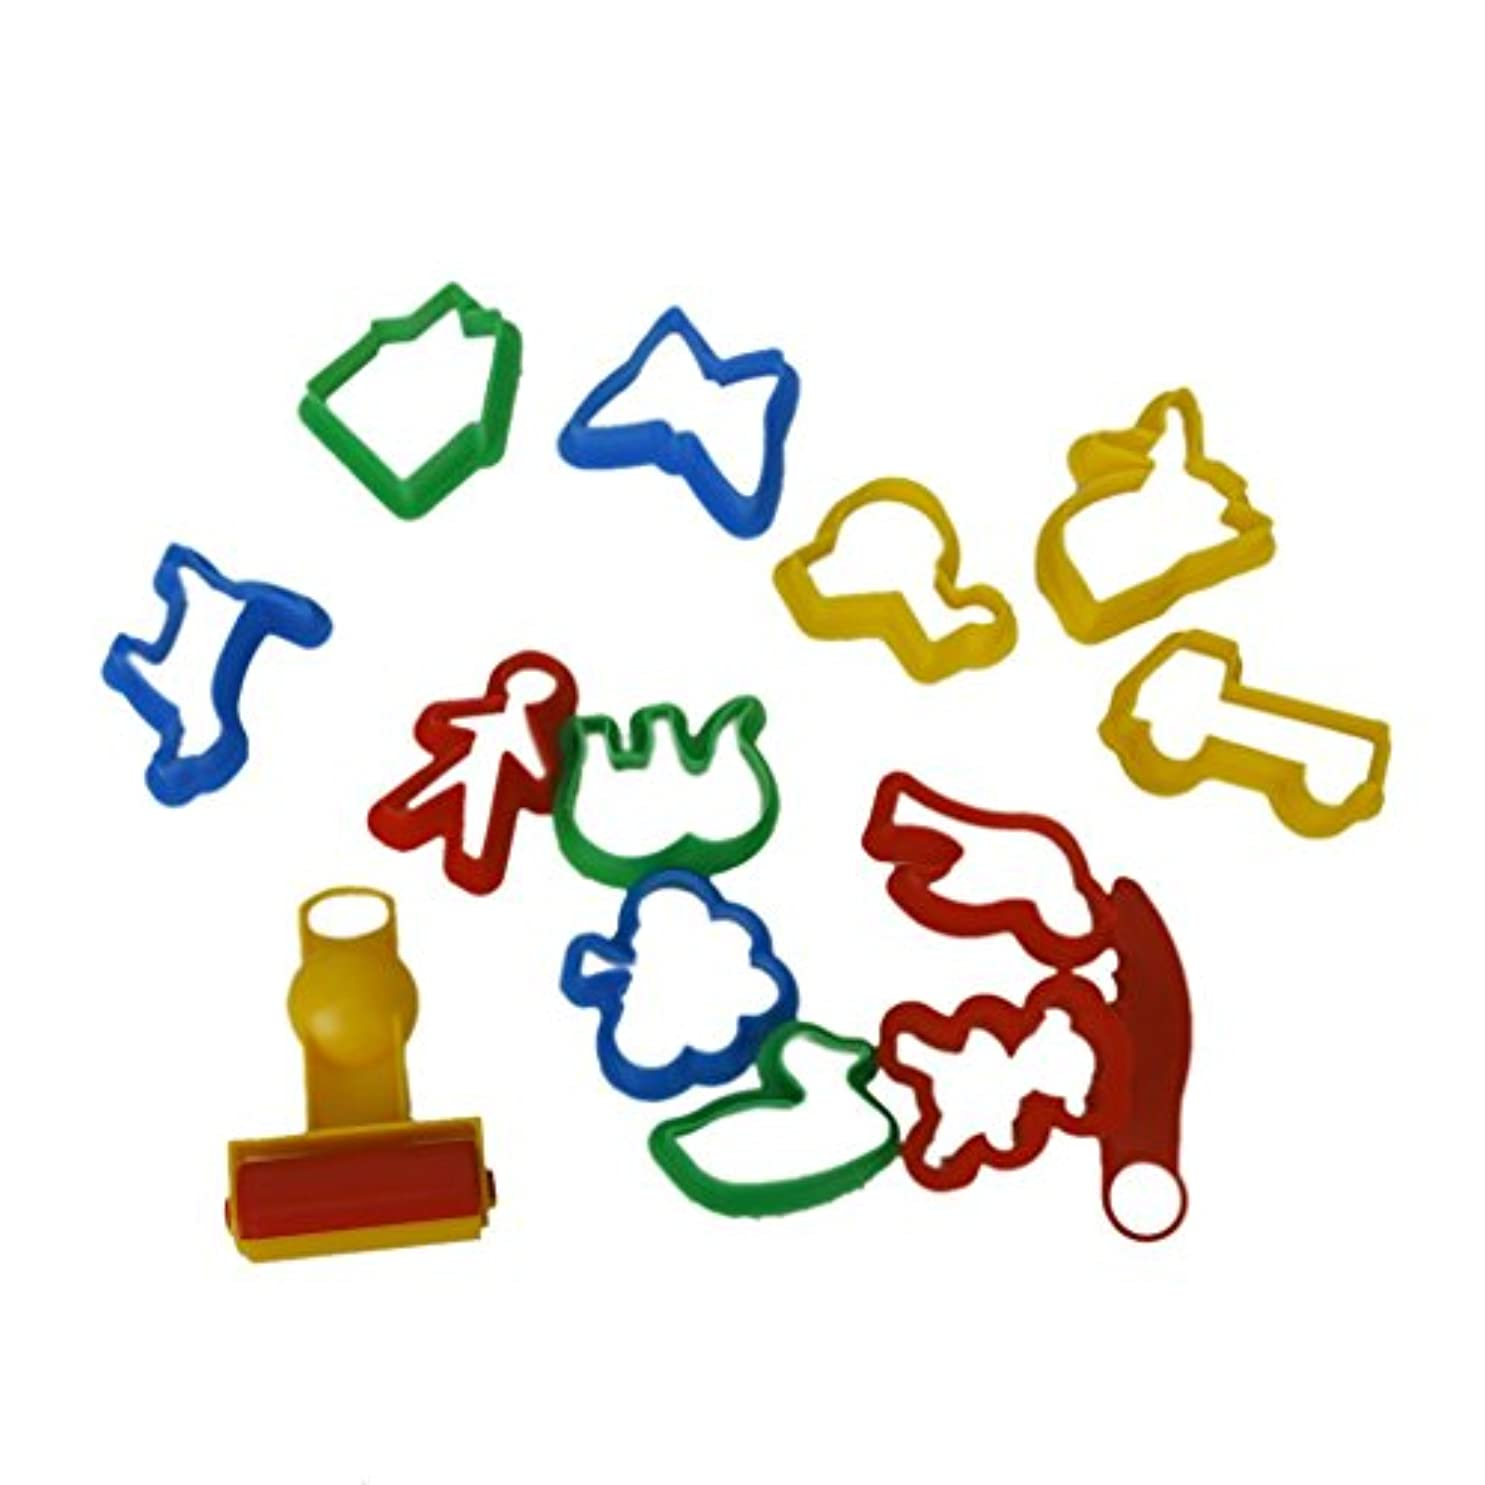 SODIAL(R) セットの多色プラスチック製クッキーカッター 金型用具 様々な動物の植物の形付き